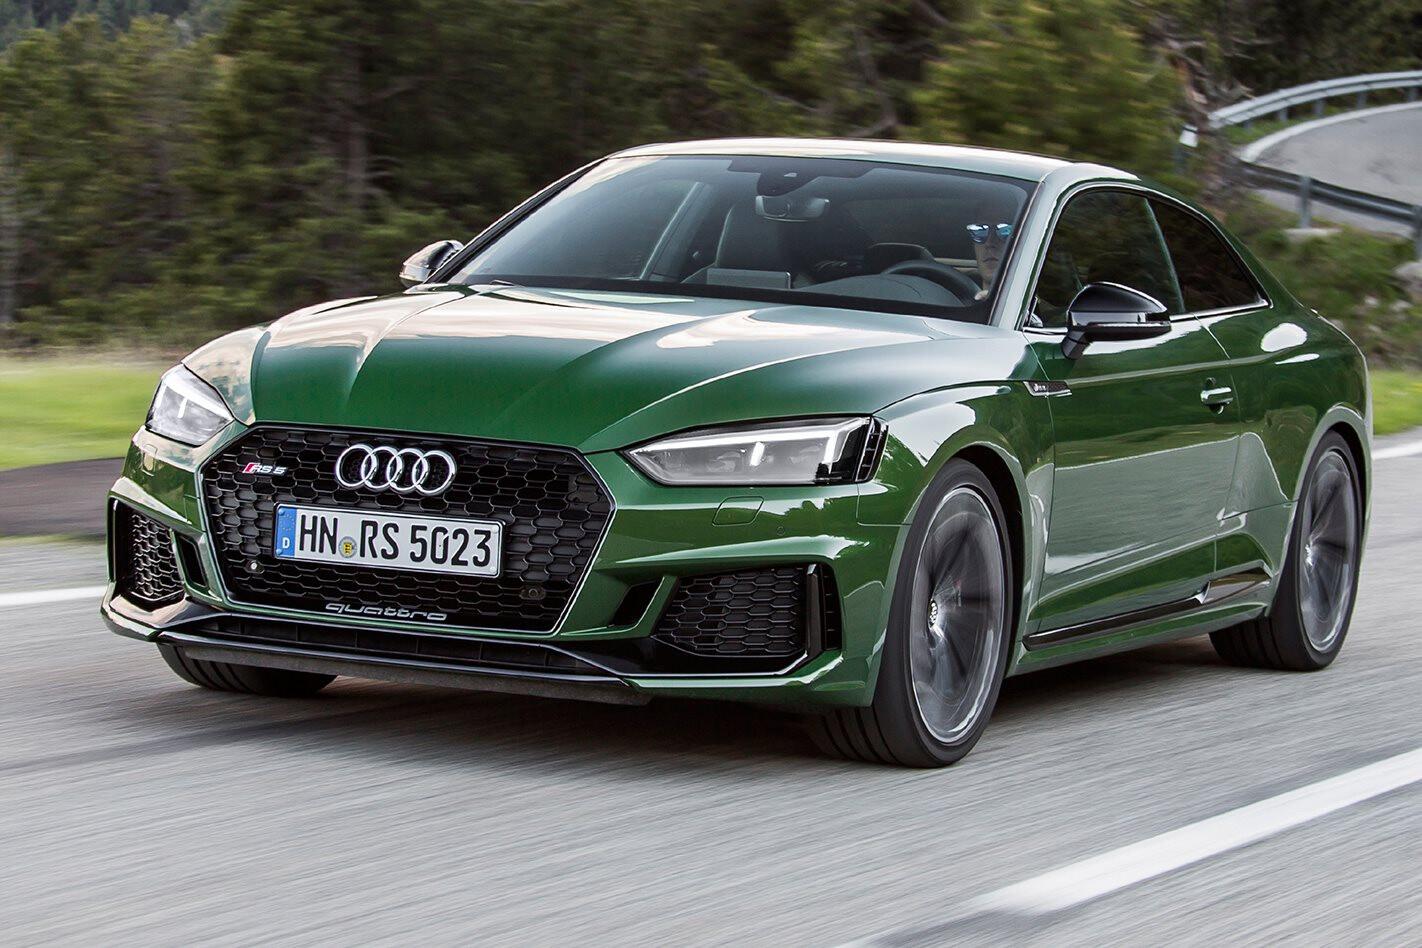 2017 Audi RS5 drive